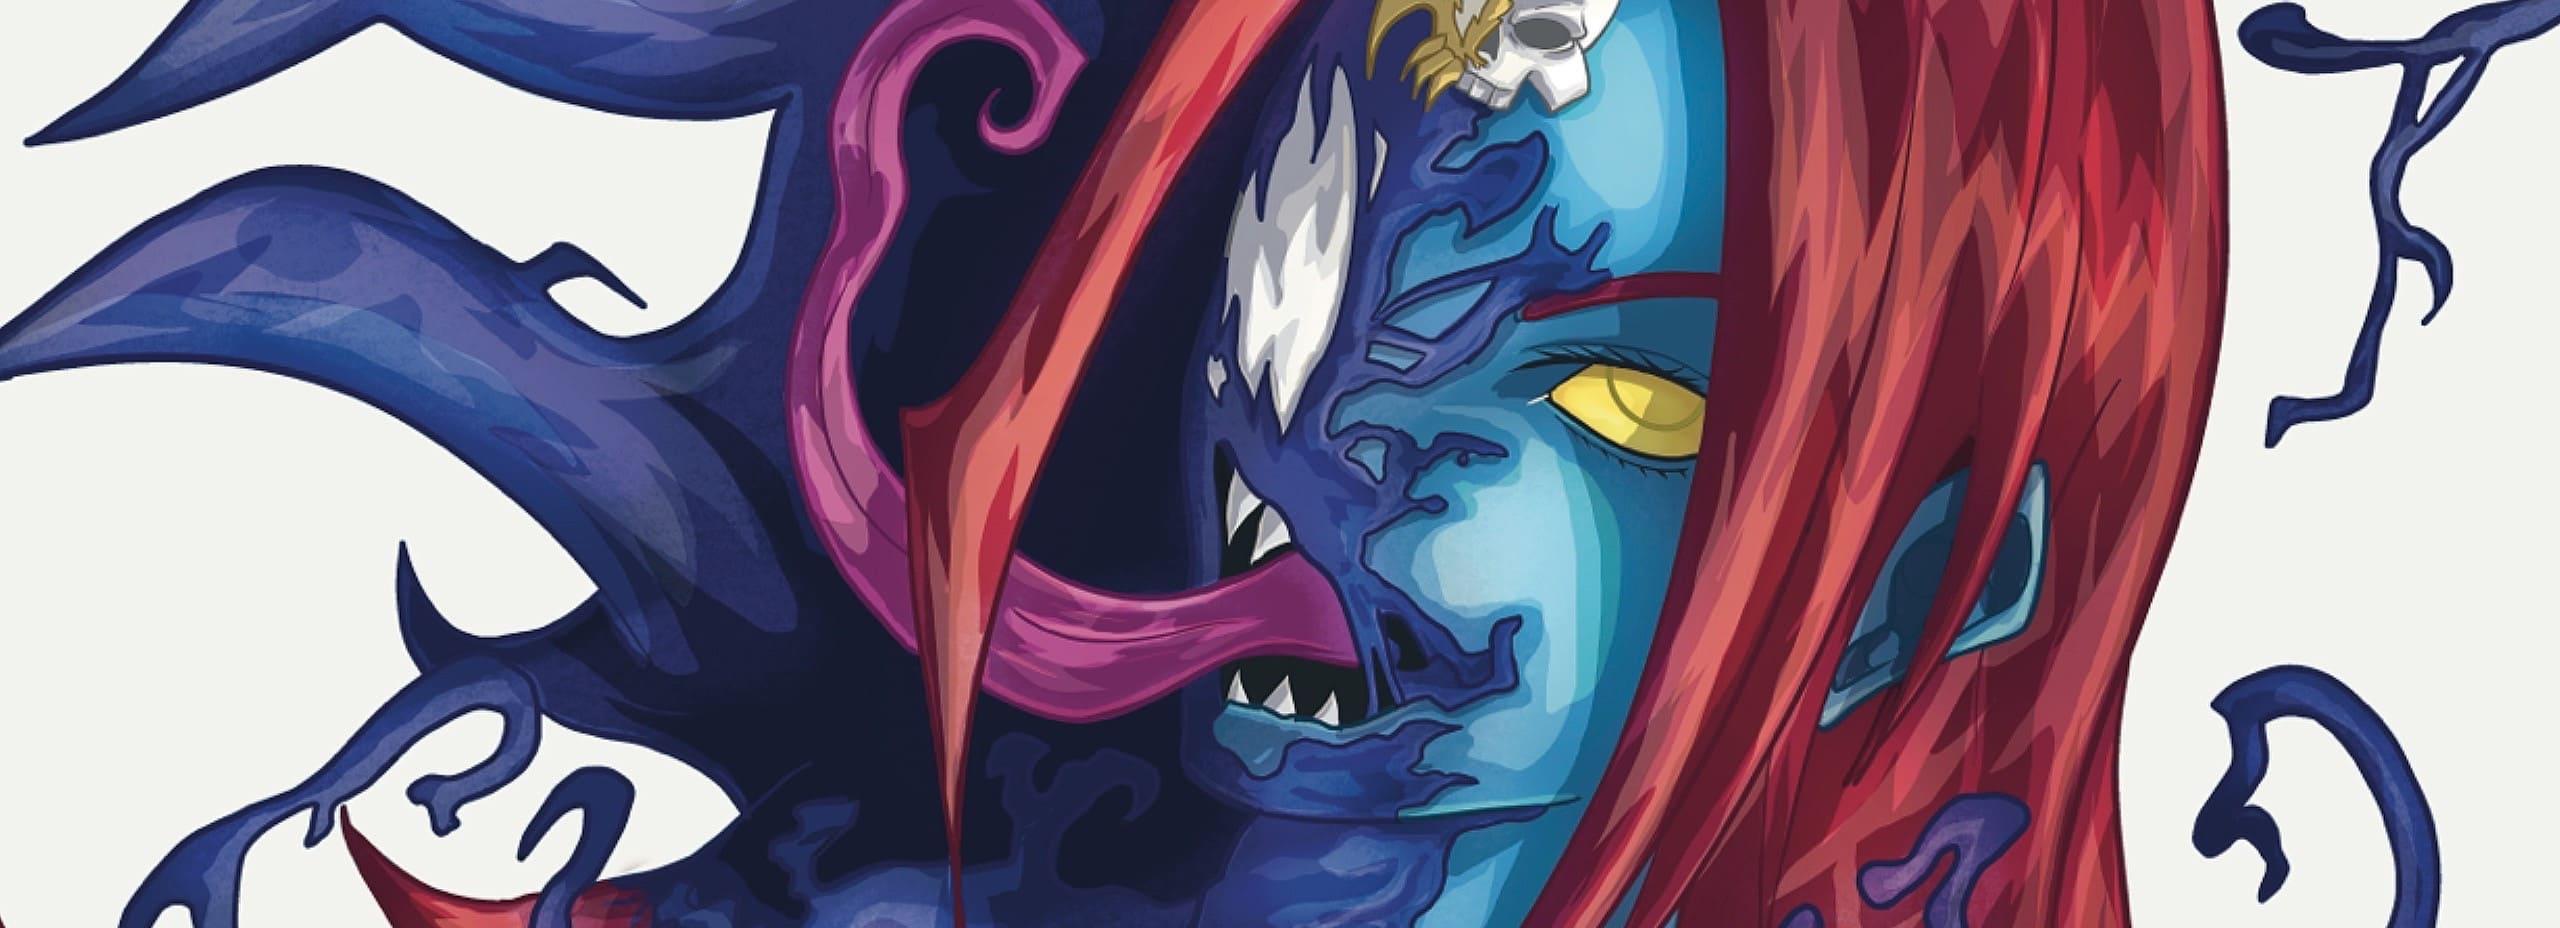 Venomizing Mystique